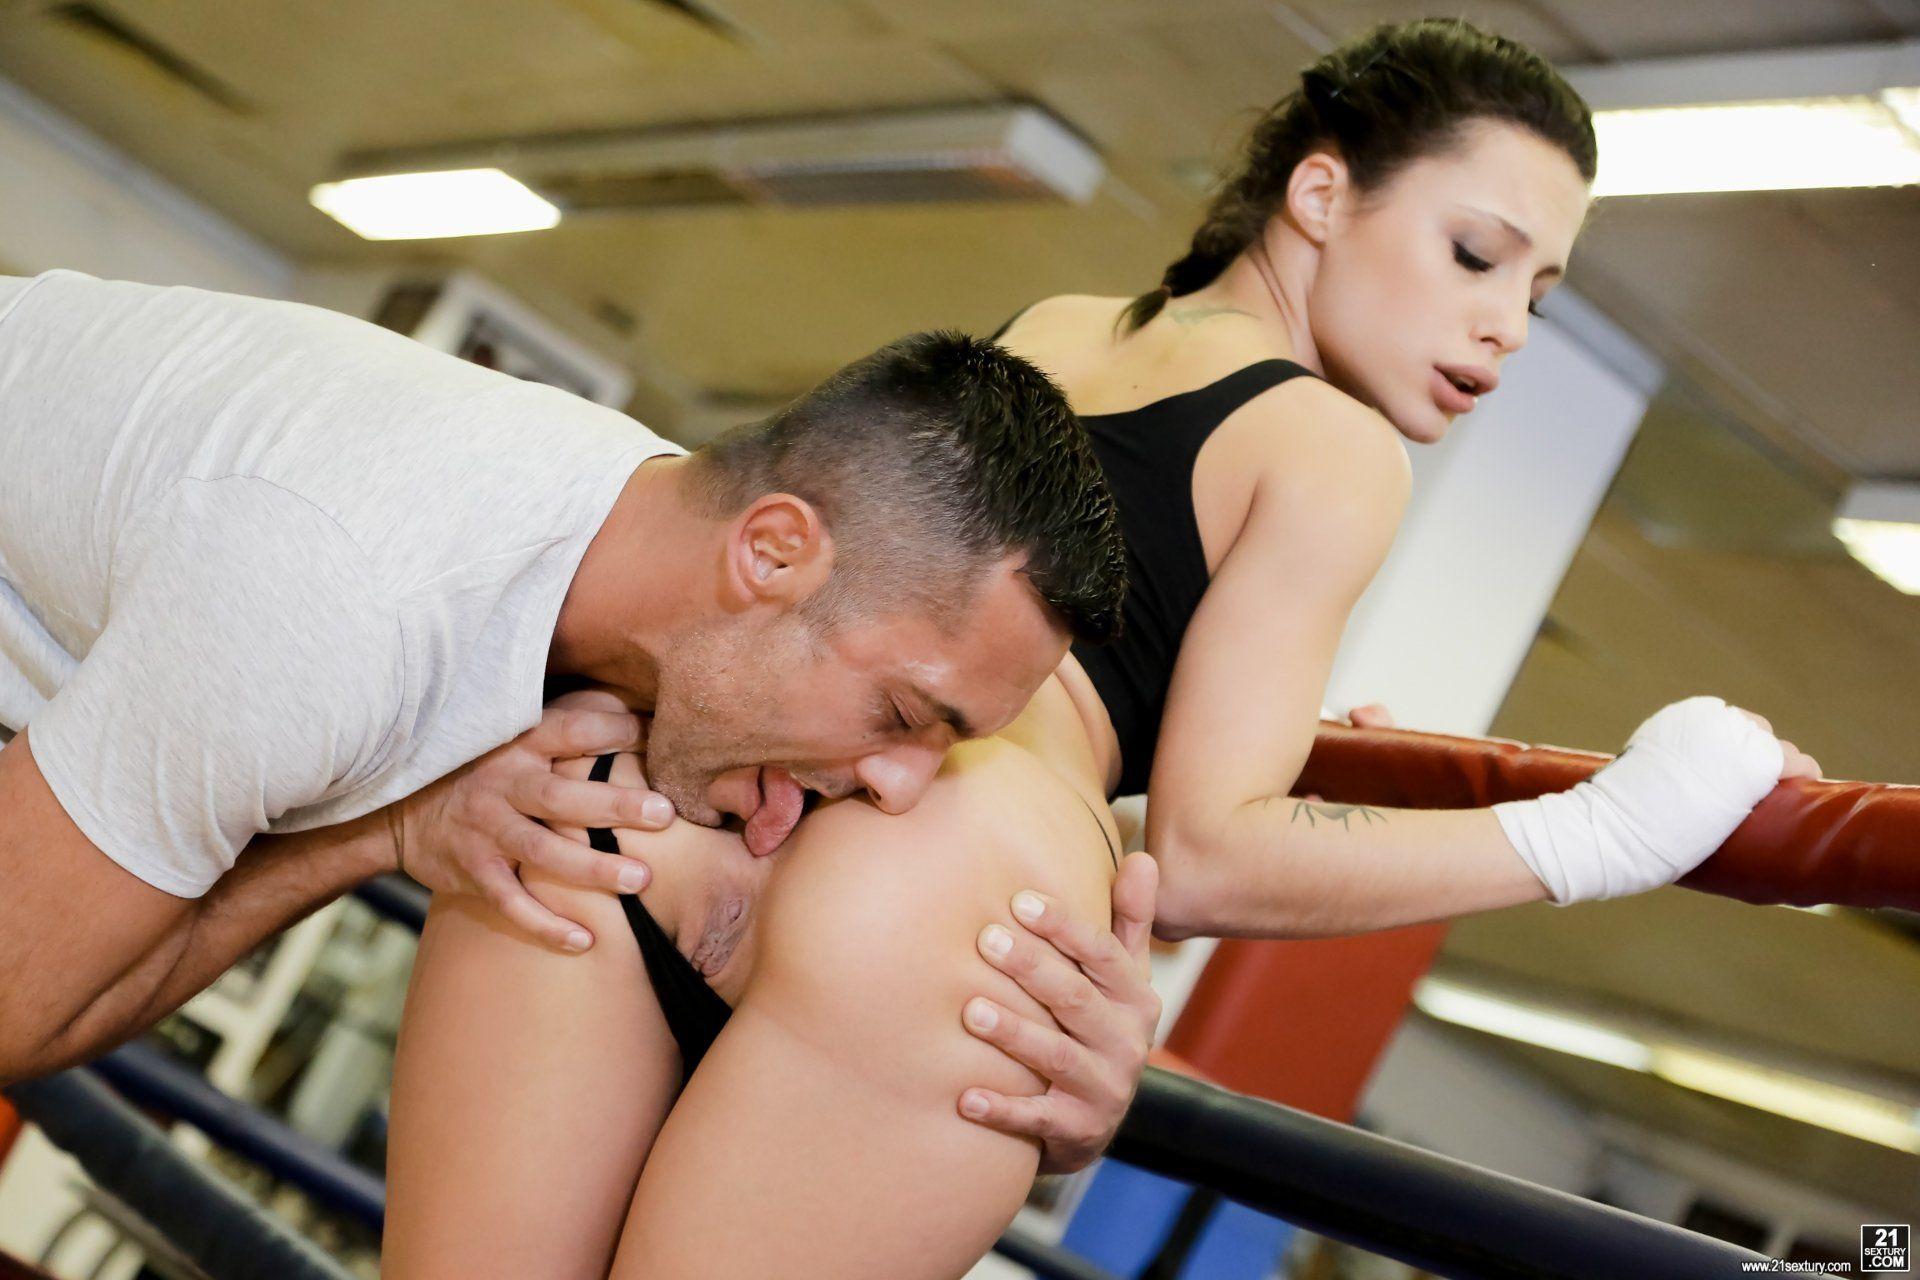 best of Licking girls ass